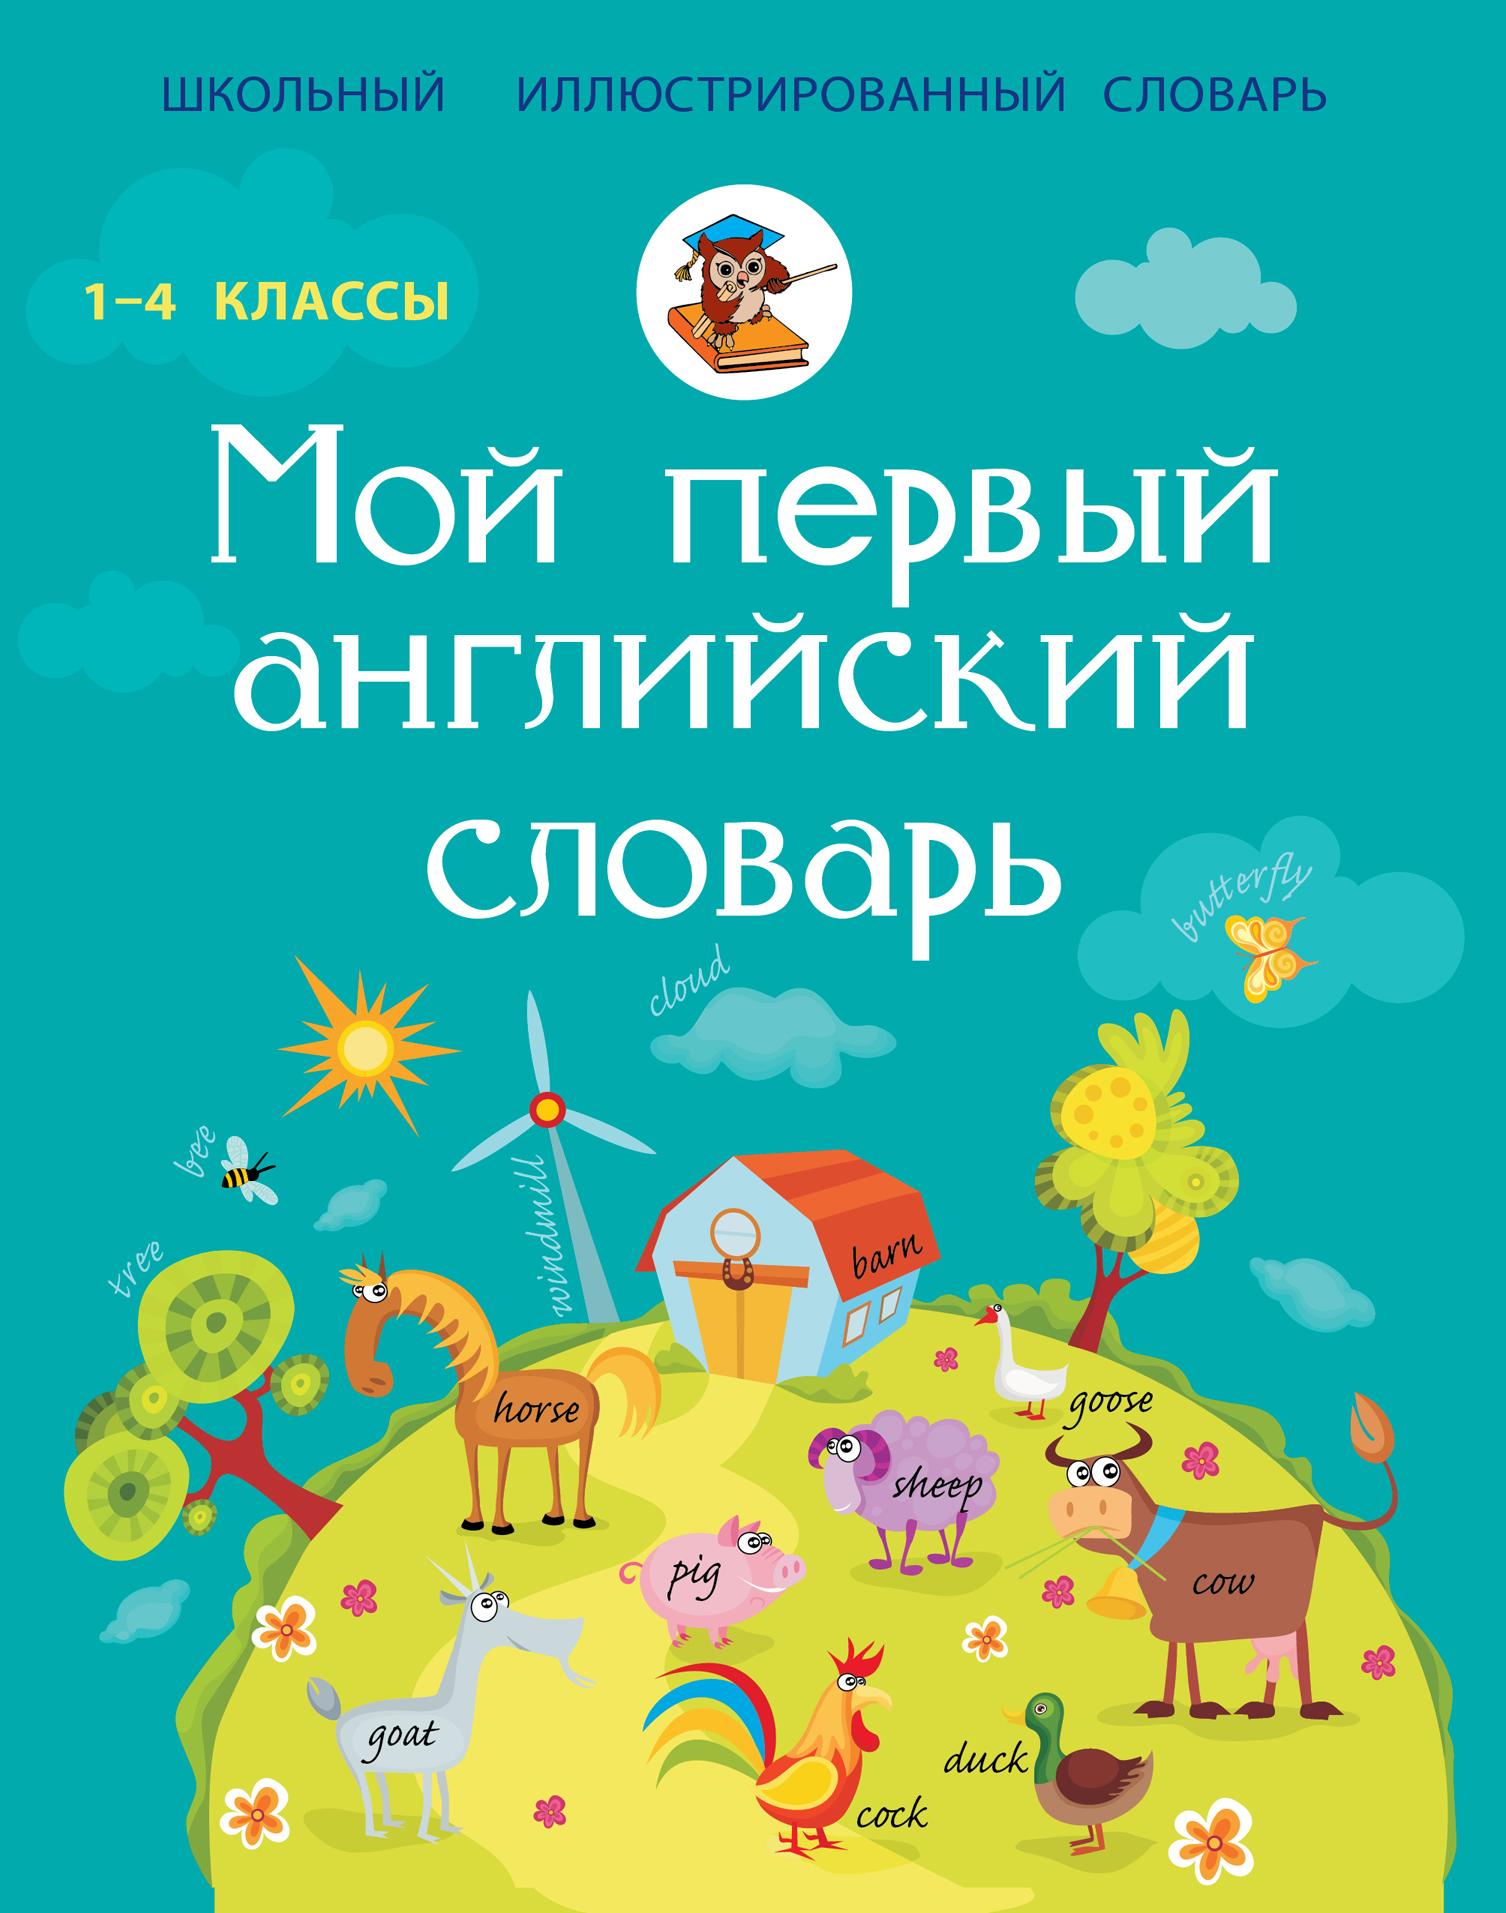 . Мой первый английский словарь первый словарь английского языка в картинках первый словарь русского языка в картинках